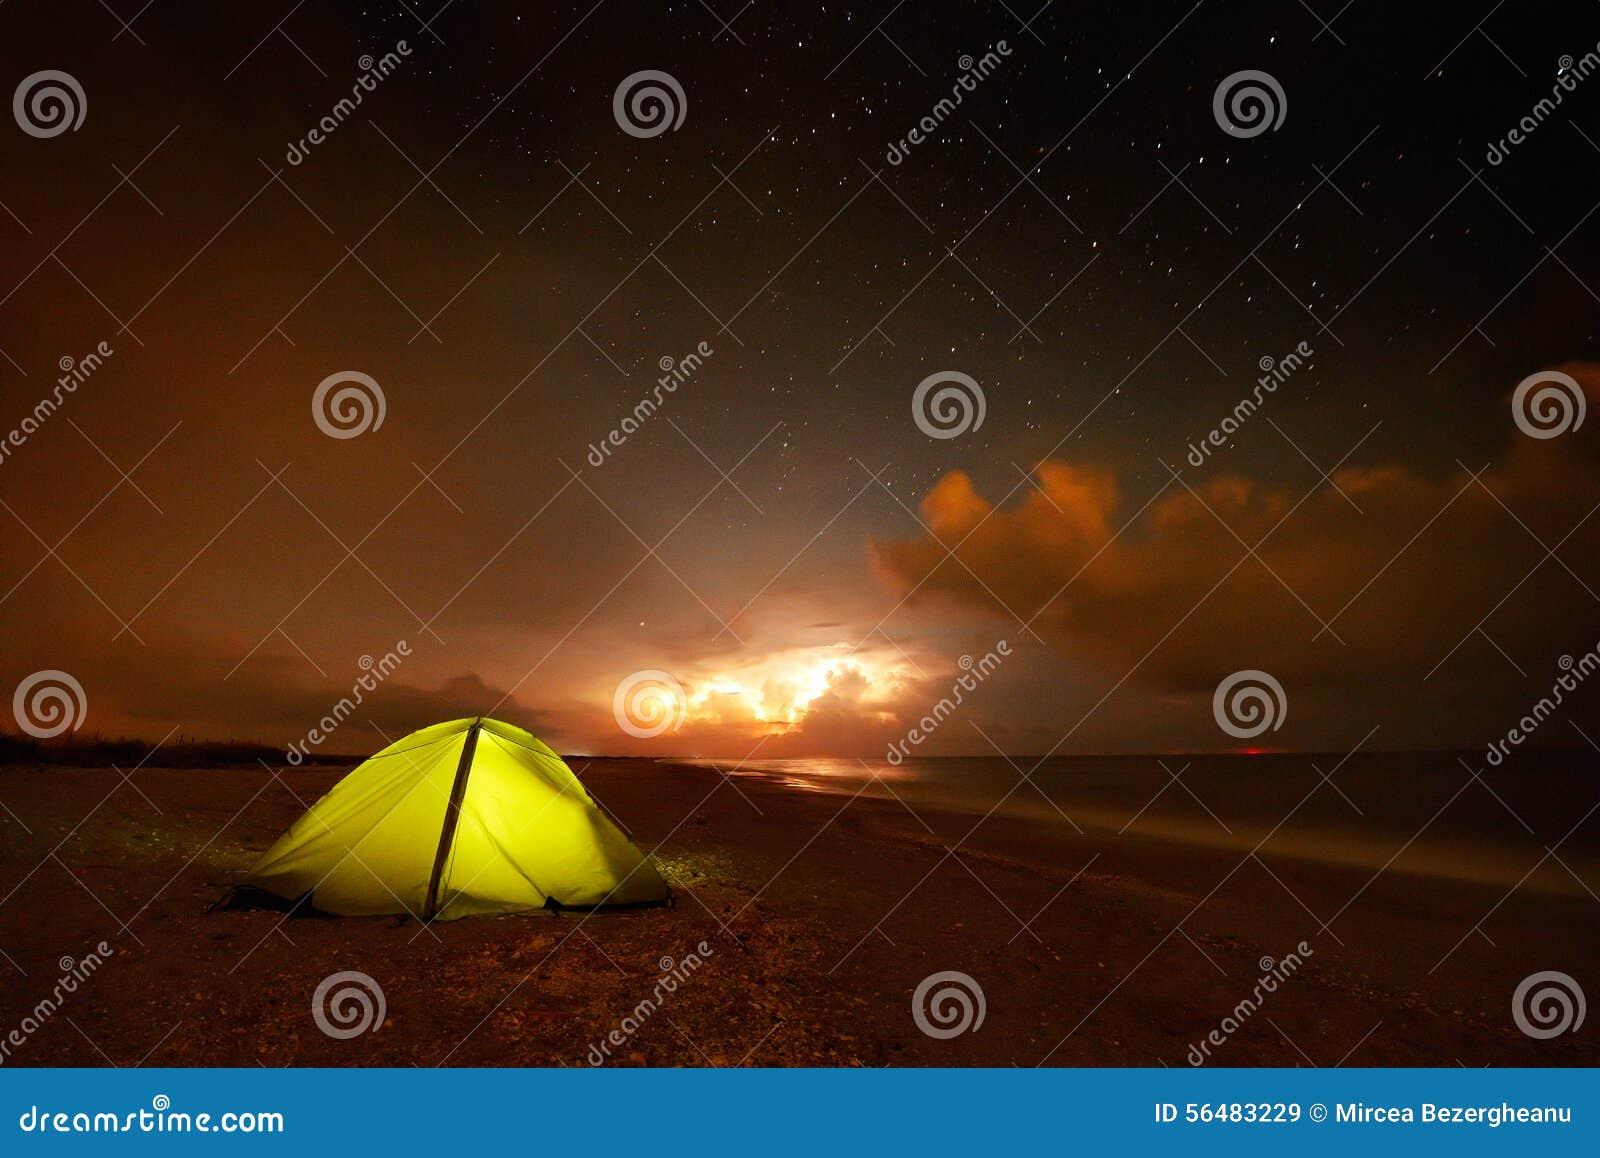 Tente touristique sur la plage par nuit